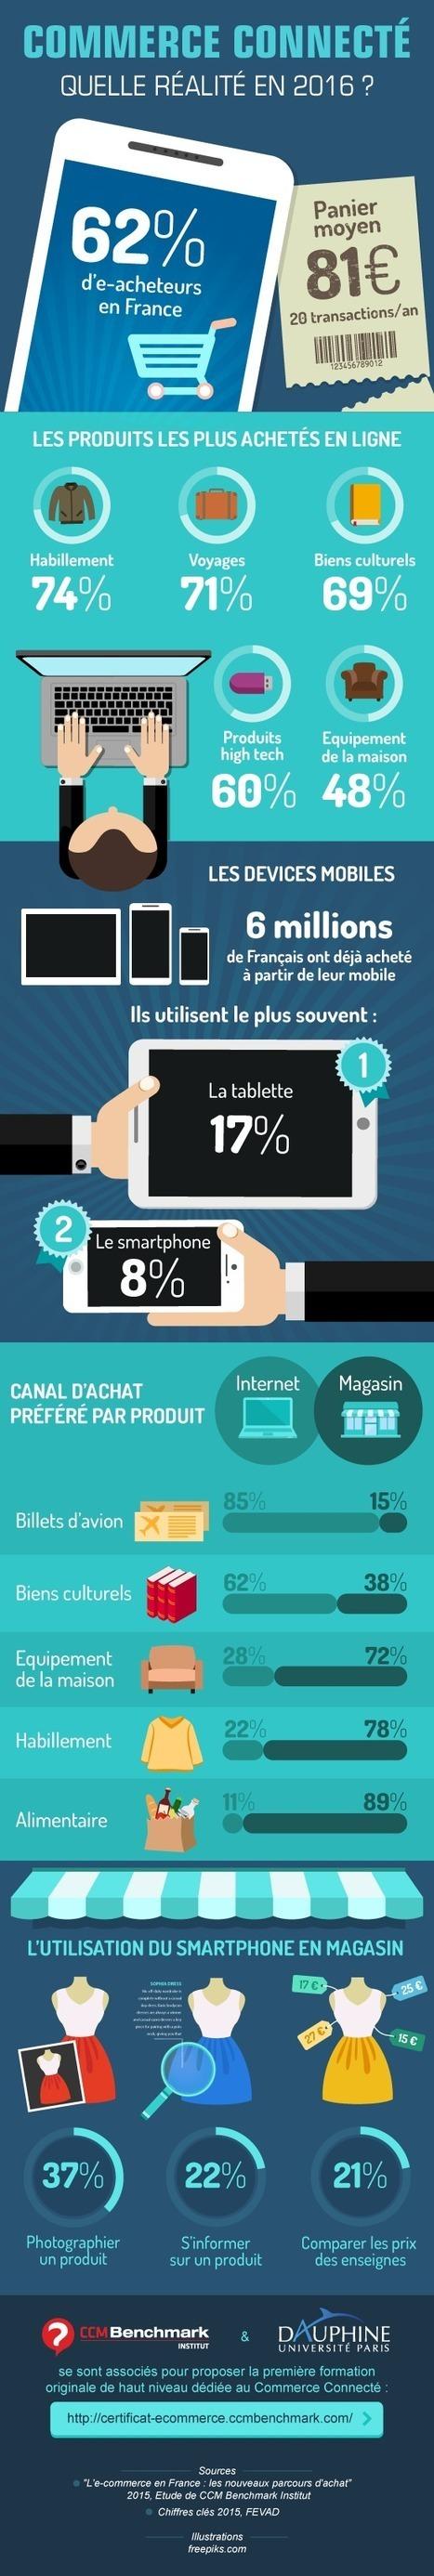 E-commerce | La réalité du commerce connecté (données 2015) - Février 2016 (infographie CCM Benchmark Institut) | Webmarketing infographics - La French Touch digitale en images | Scoop.it